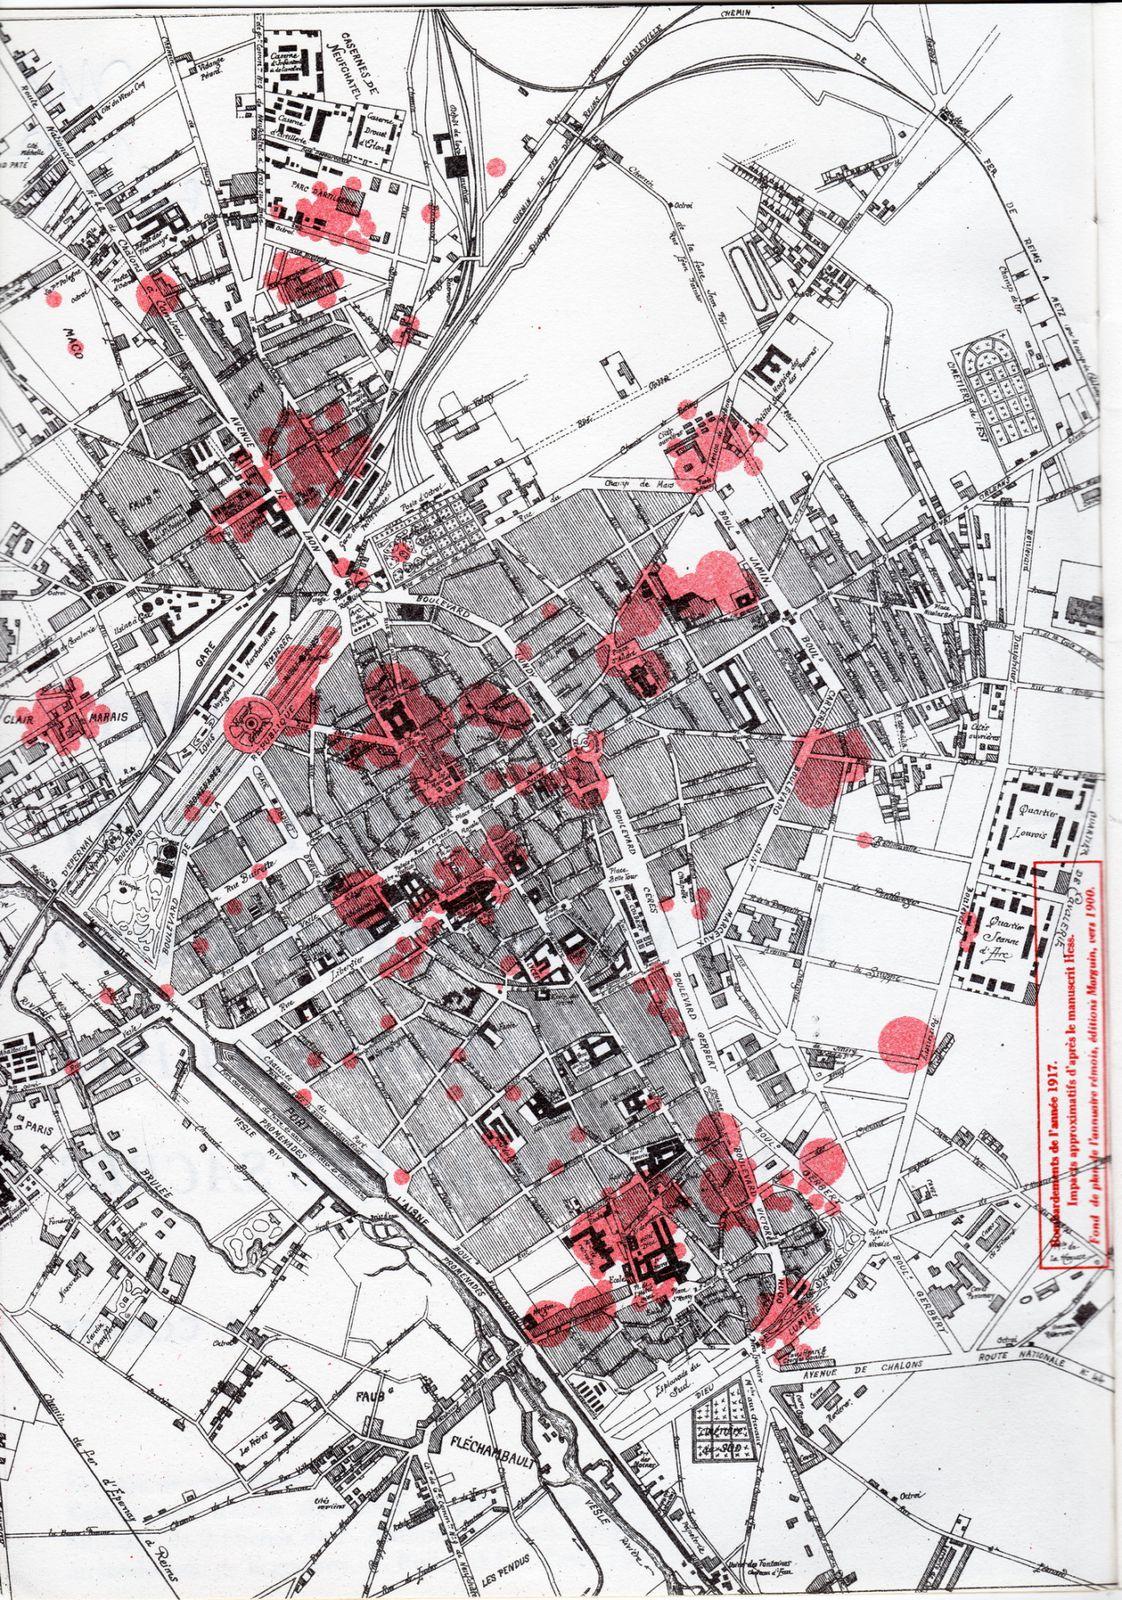 Bombardements de l'année 1917, impacts approximatifs d'après le manuscrit Hess. Fond de l'Annuaire rémois, éditions Marguin, vers 1900